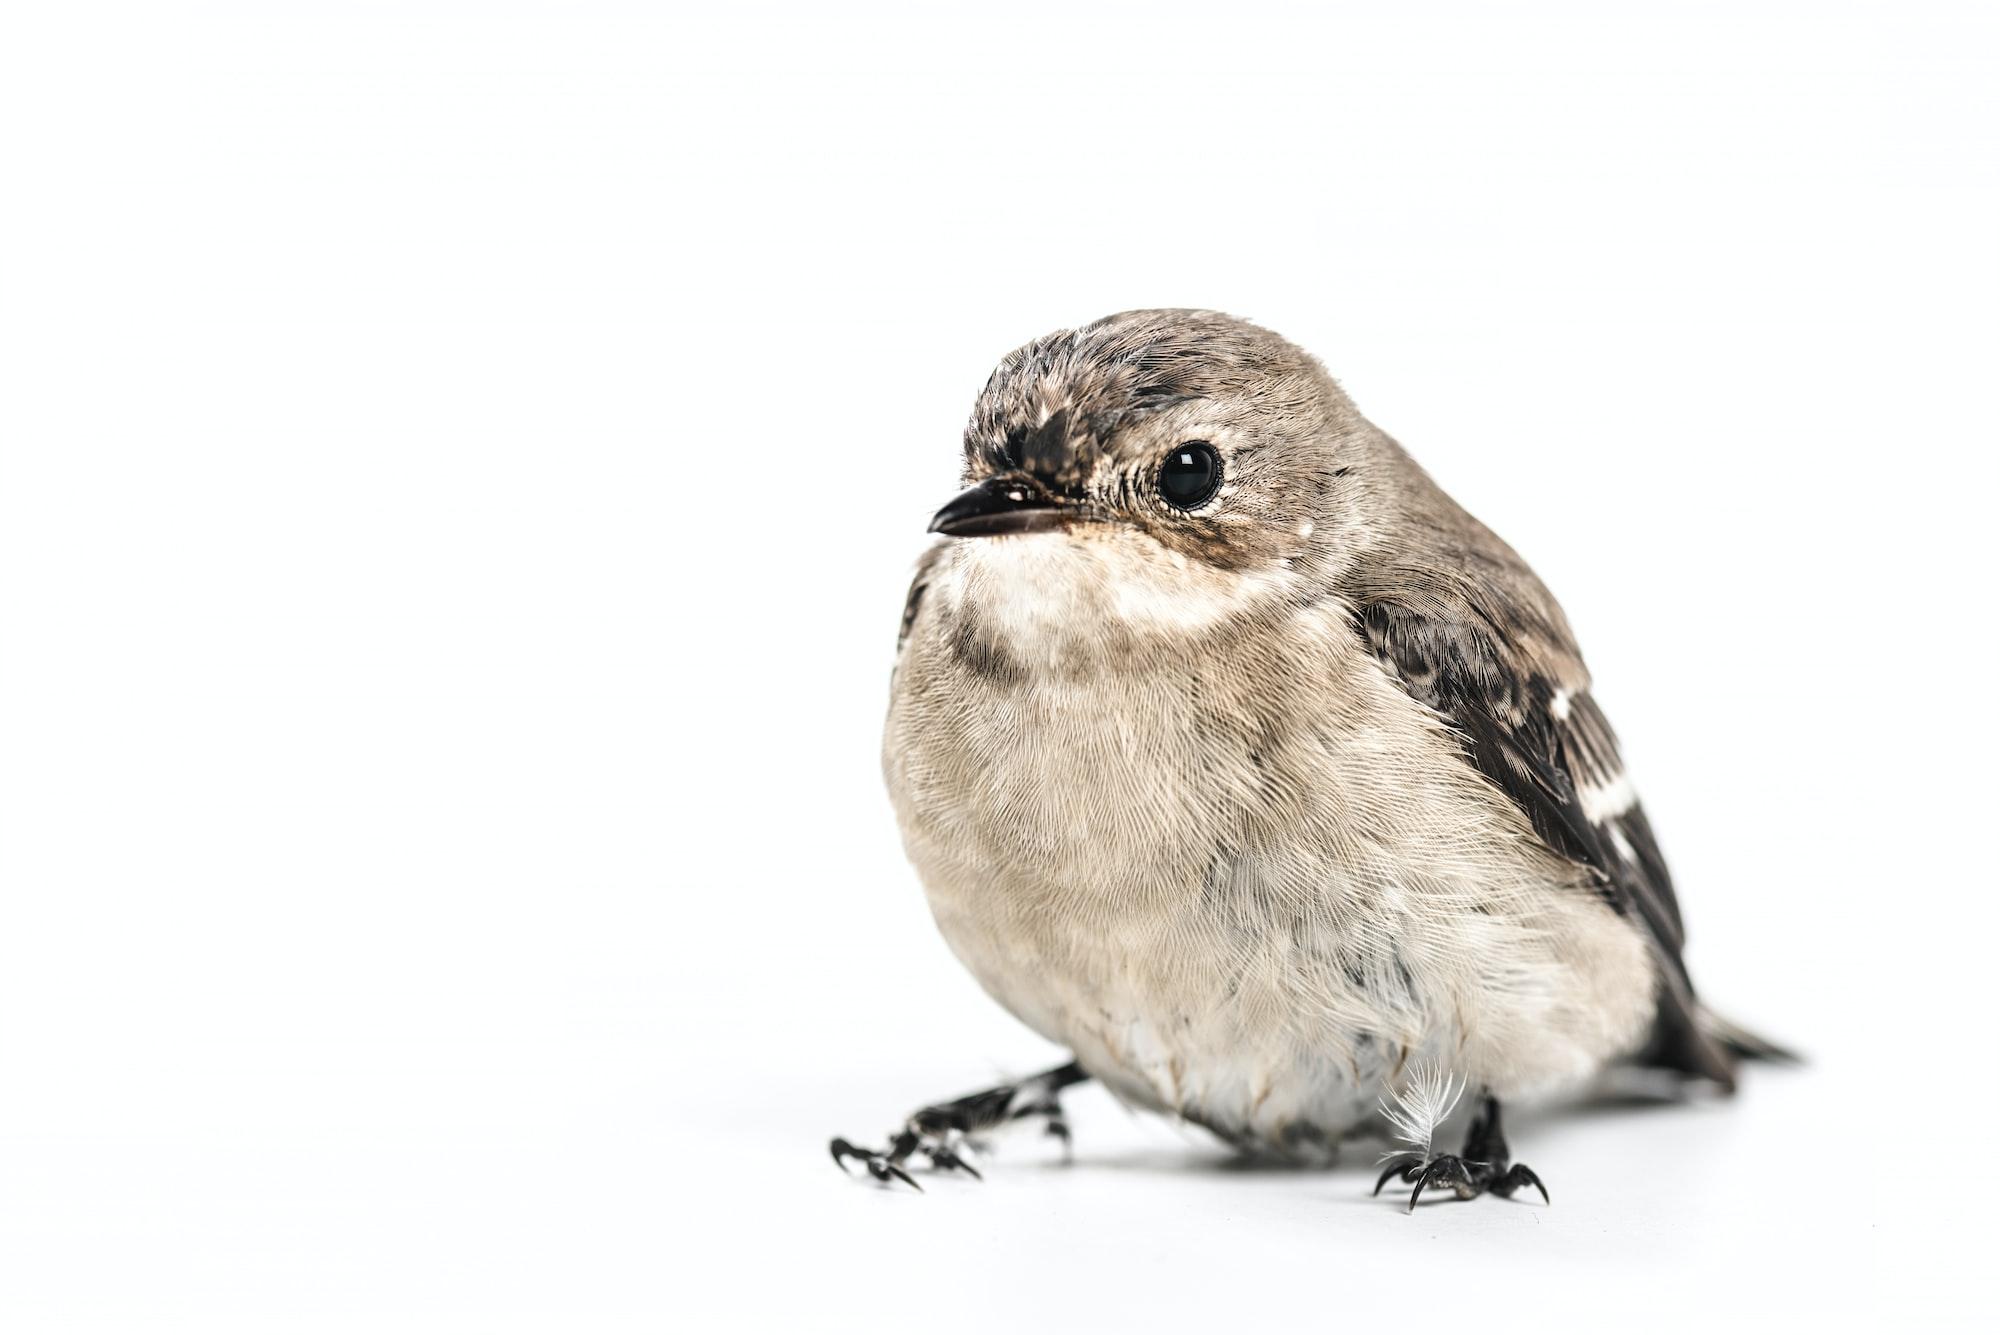 Chickadee on white